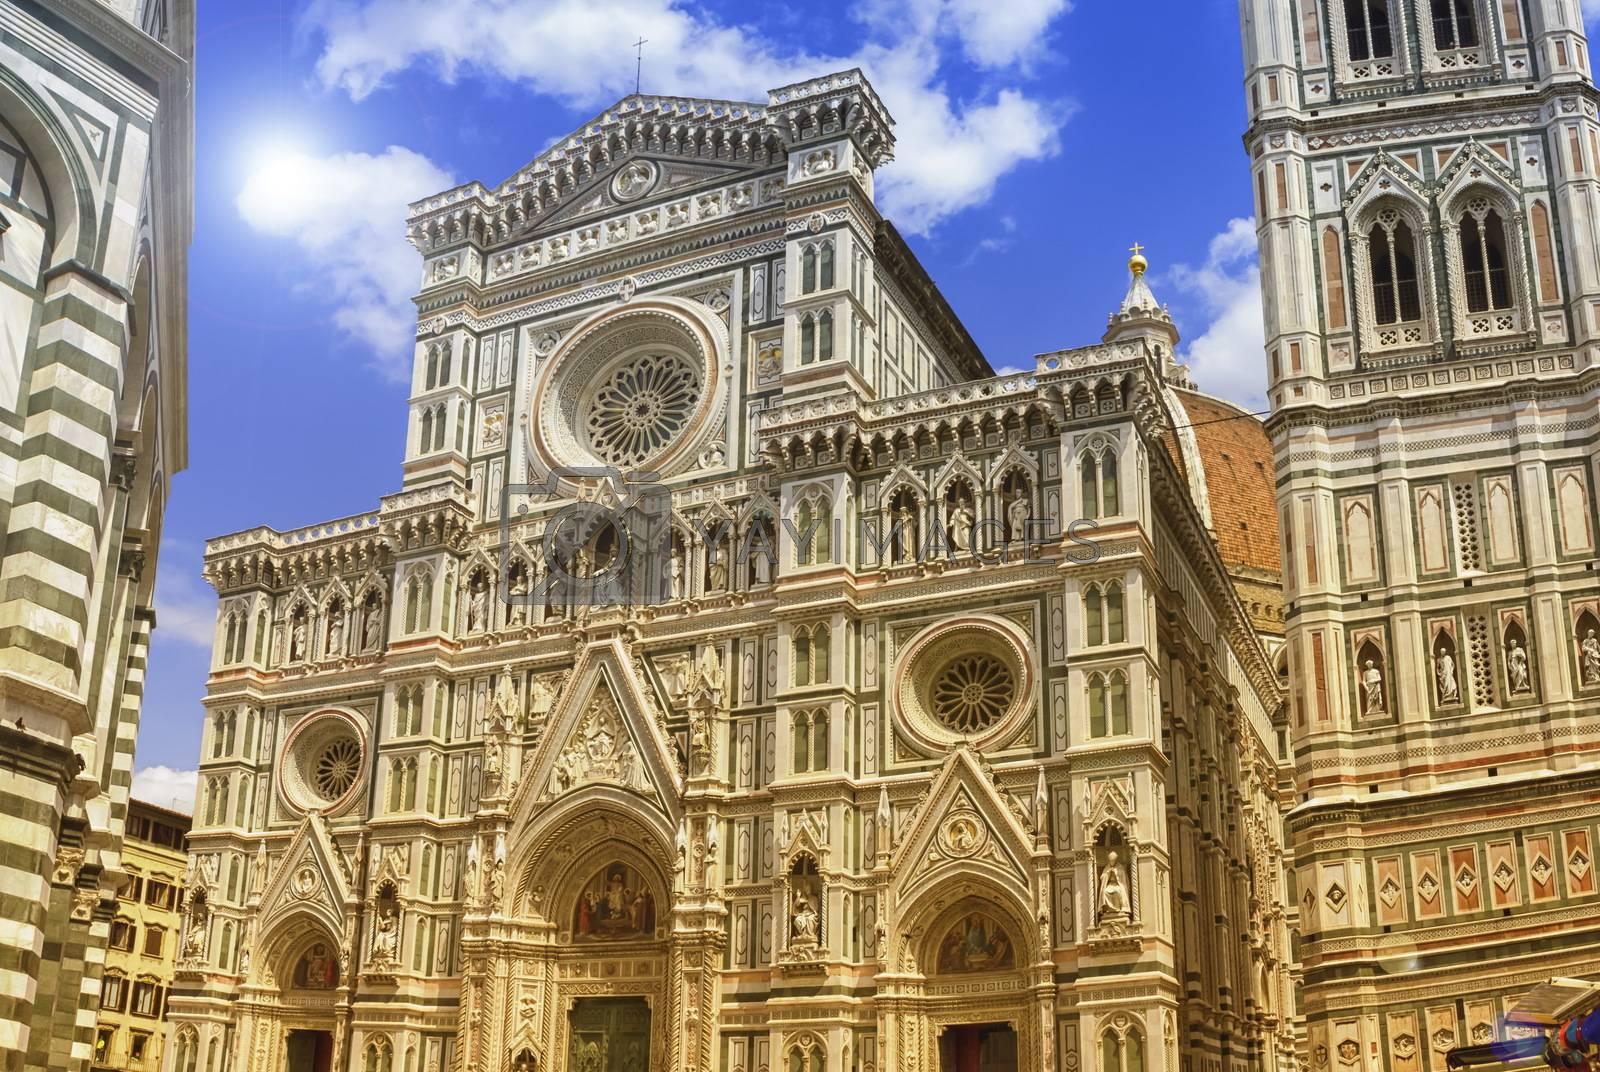 Cattedrale di Santa Maria del Fiore or Il Duomo di Firenze by day, Italia